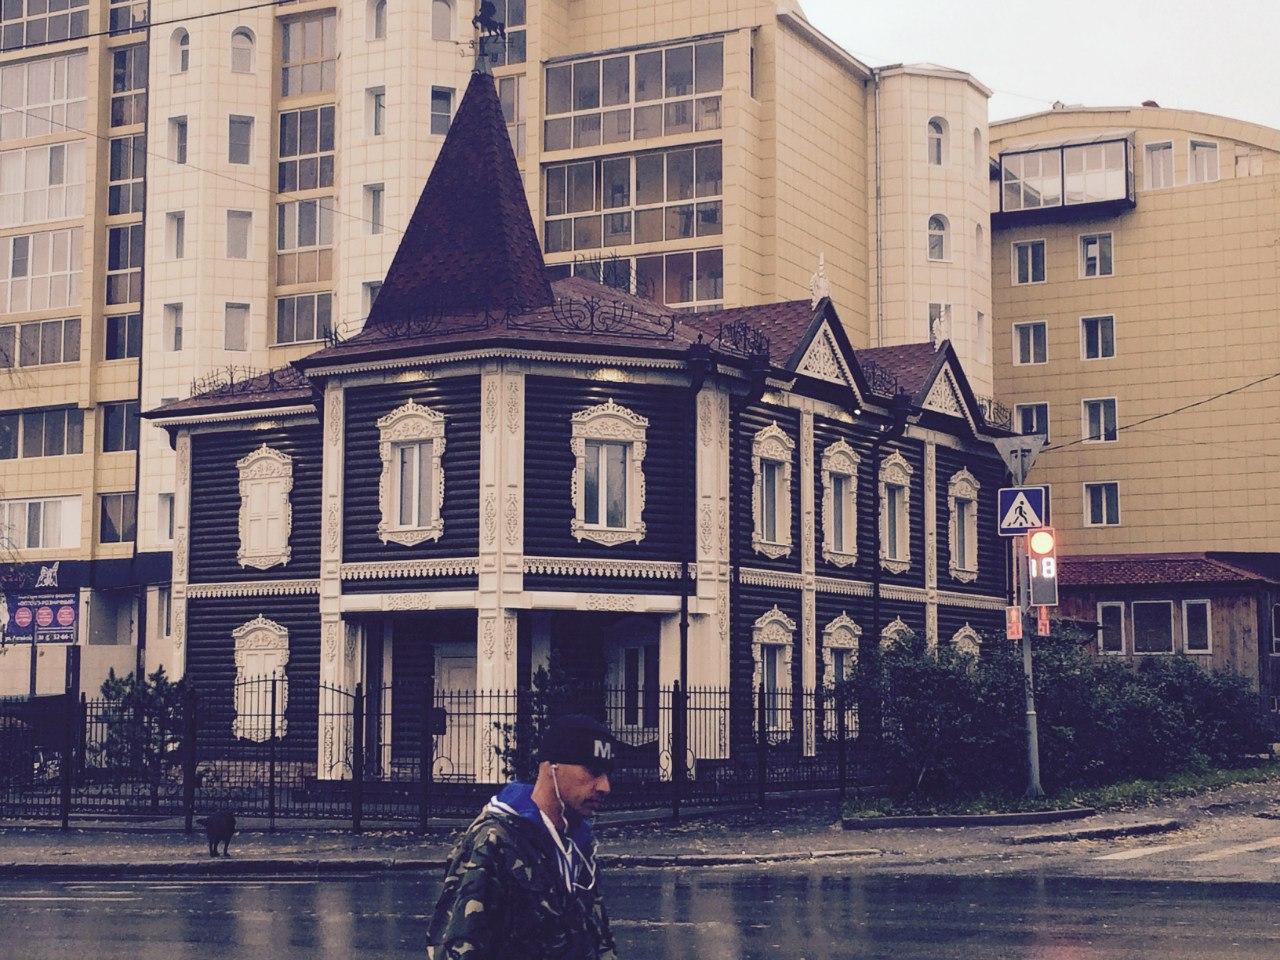 Почему в Томске не сносят самострои. Кто стоит за зданиями, которые построены в городе самовольно?